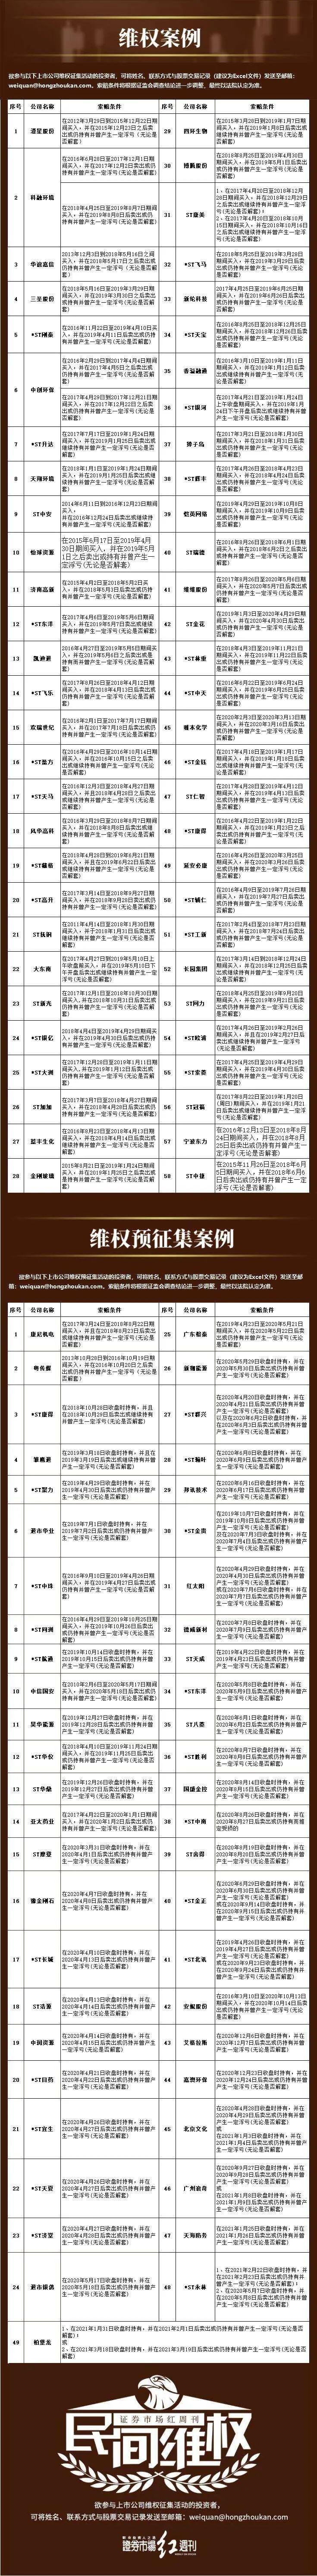 民间维权 | ST康美虚假陈述案现进展 或成中国版证券集体诉讼首案